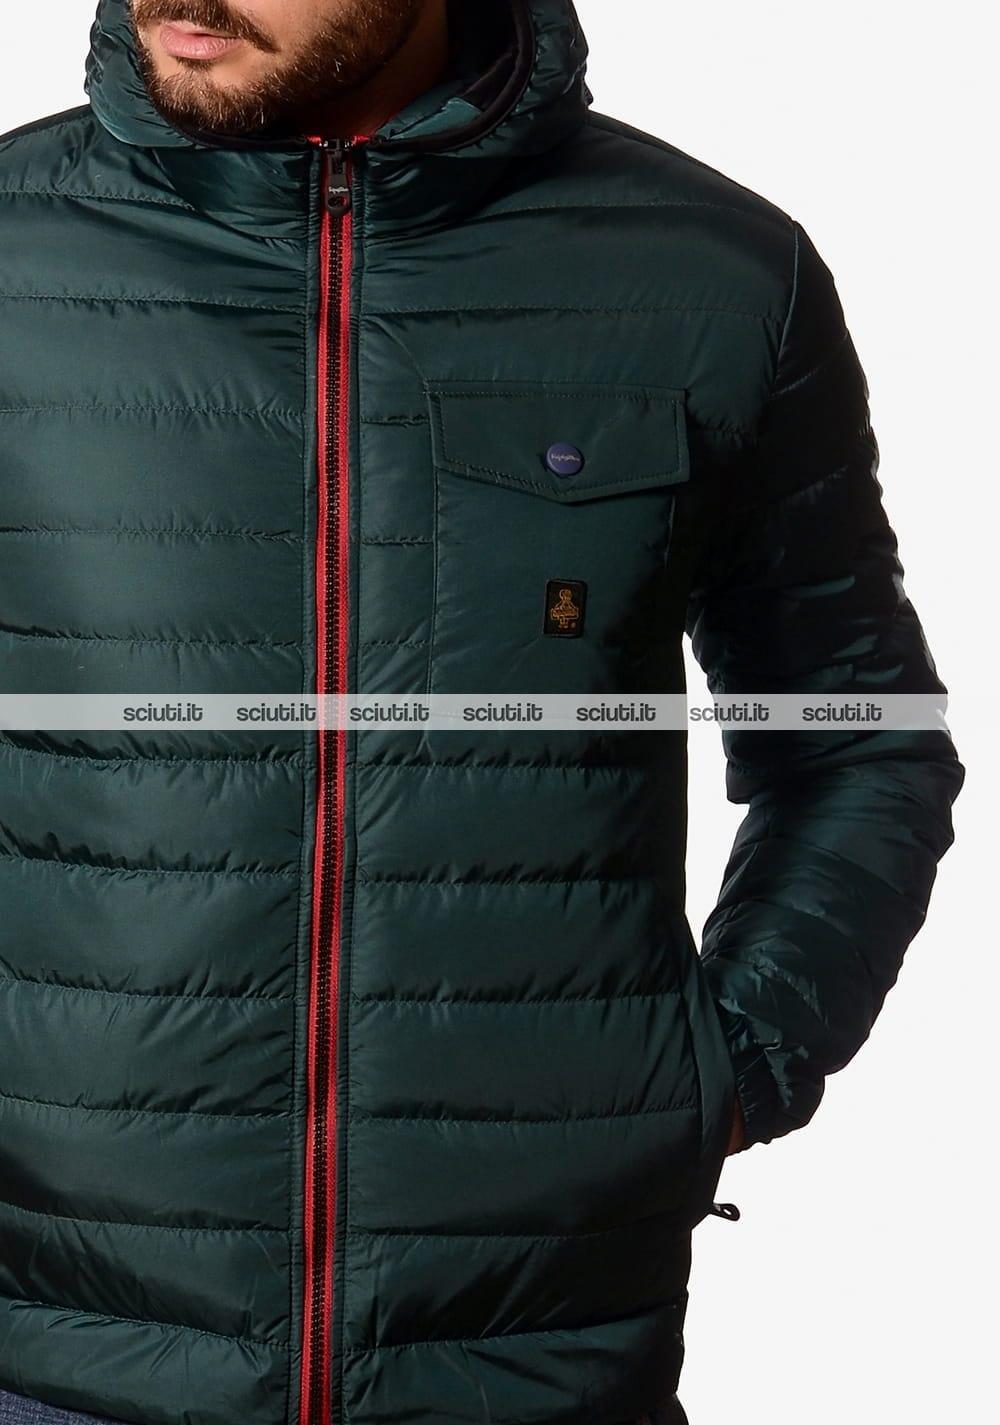 Piumino Refrigiwear uomo Hunter con cappuccio verde scuro  119c7e8bfe8